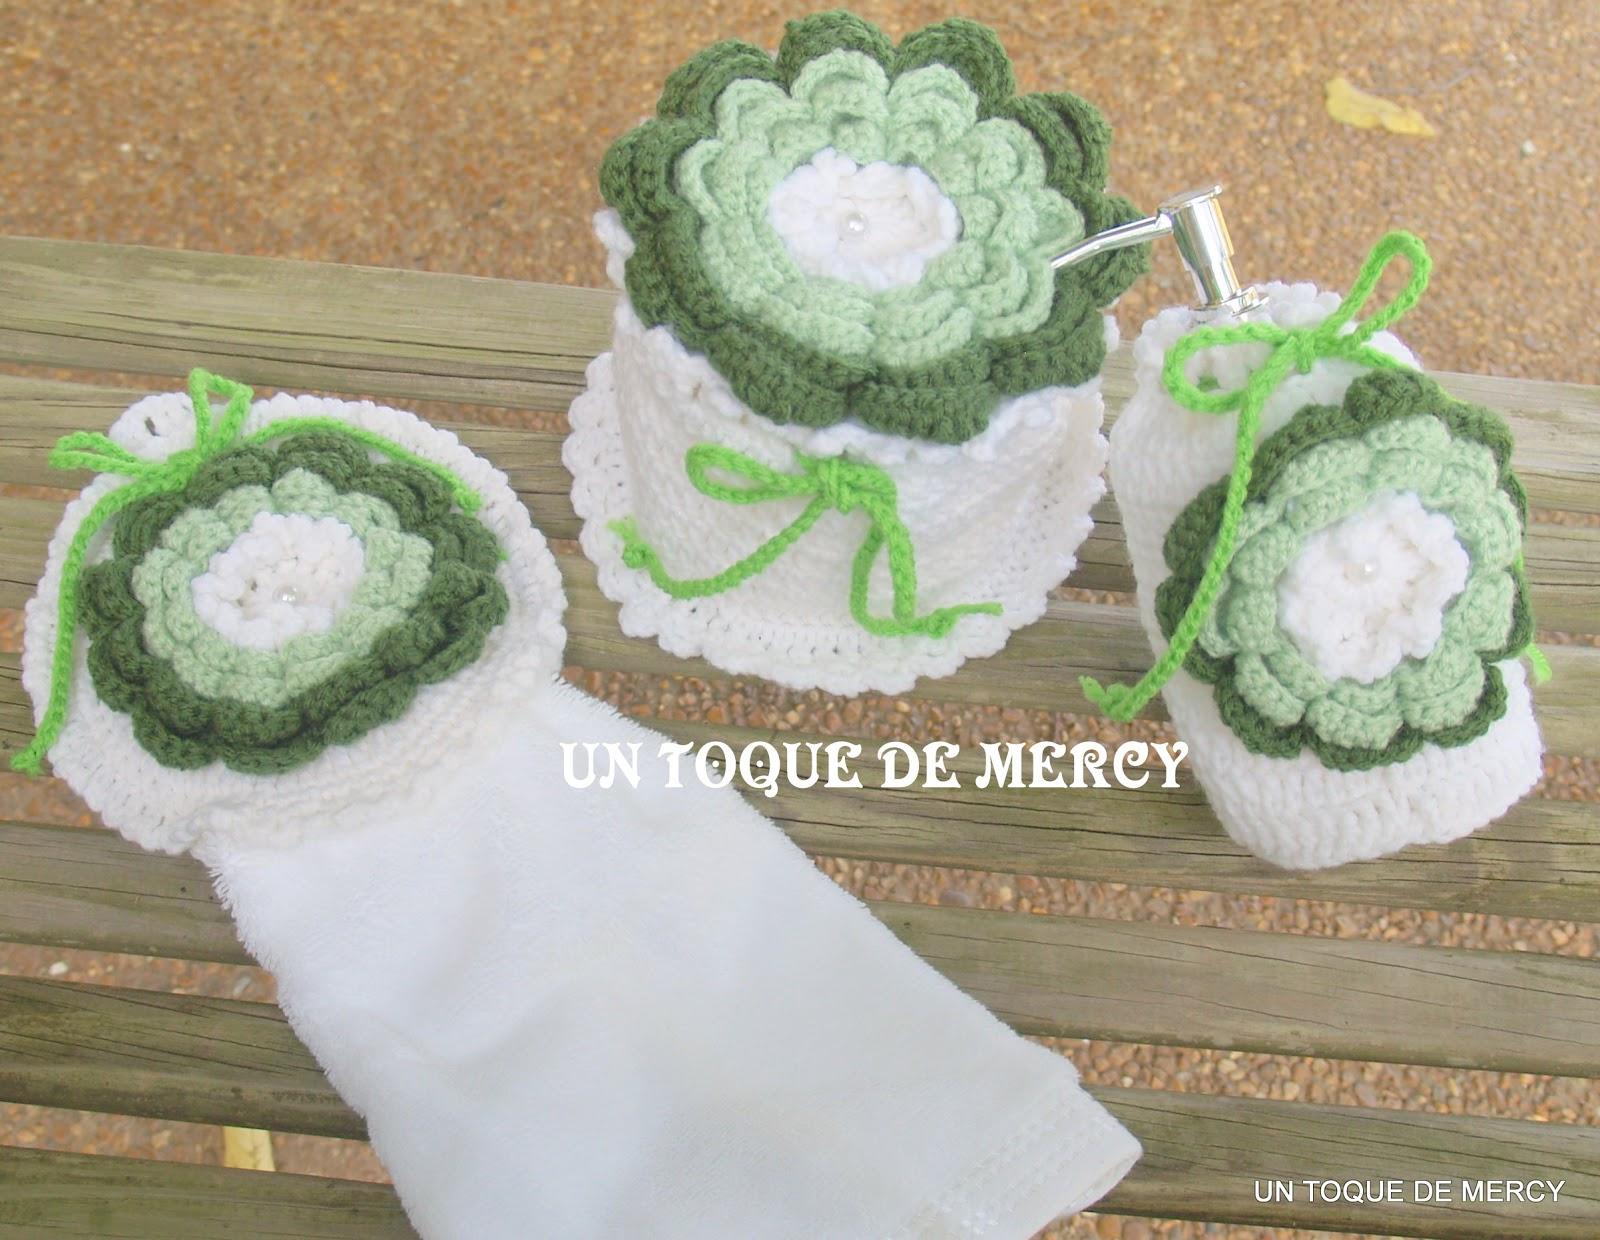 Que Lleva Un Set De Baño:UN TOQUE DE MERCY: SET PARA EL BANO DE CROCHET